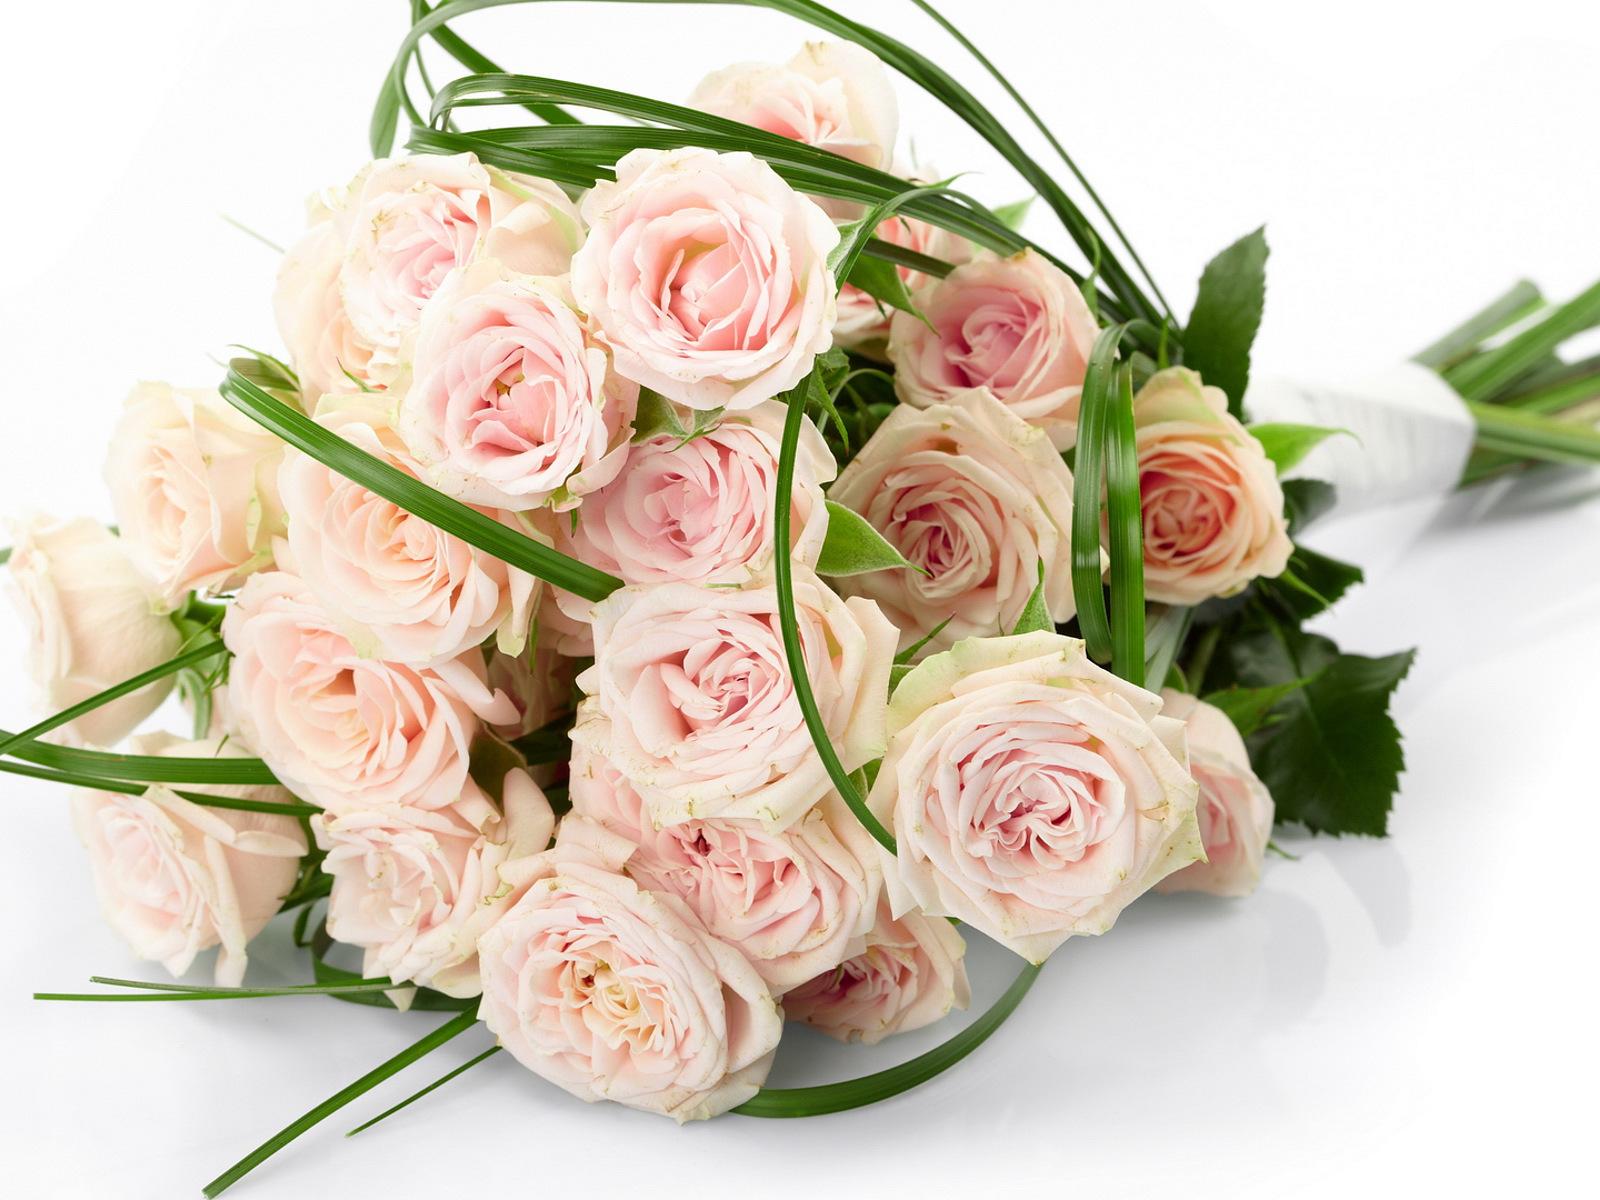 20116 télécharger le fond d'écran Fêtes, Plantes, Fleurs, Roses, Bouquets - économiseurs d'écran et images gratuitement